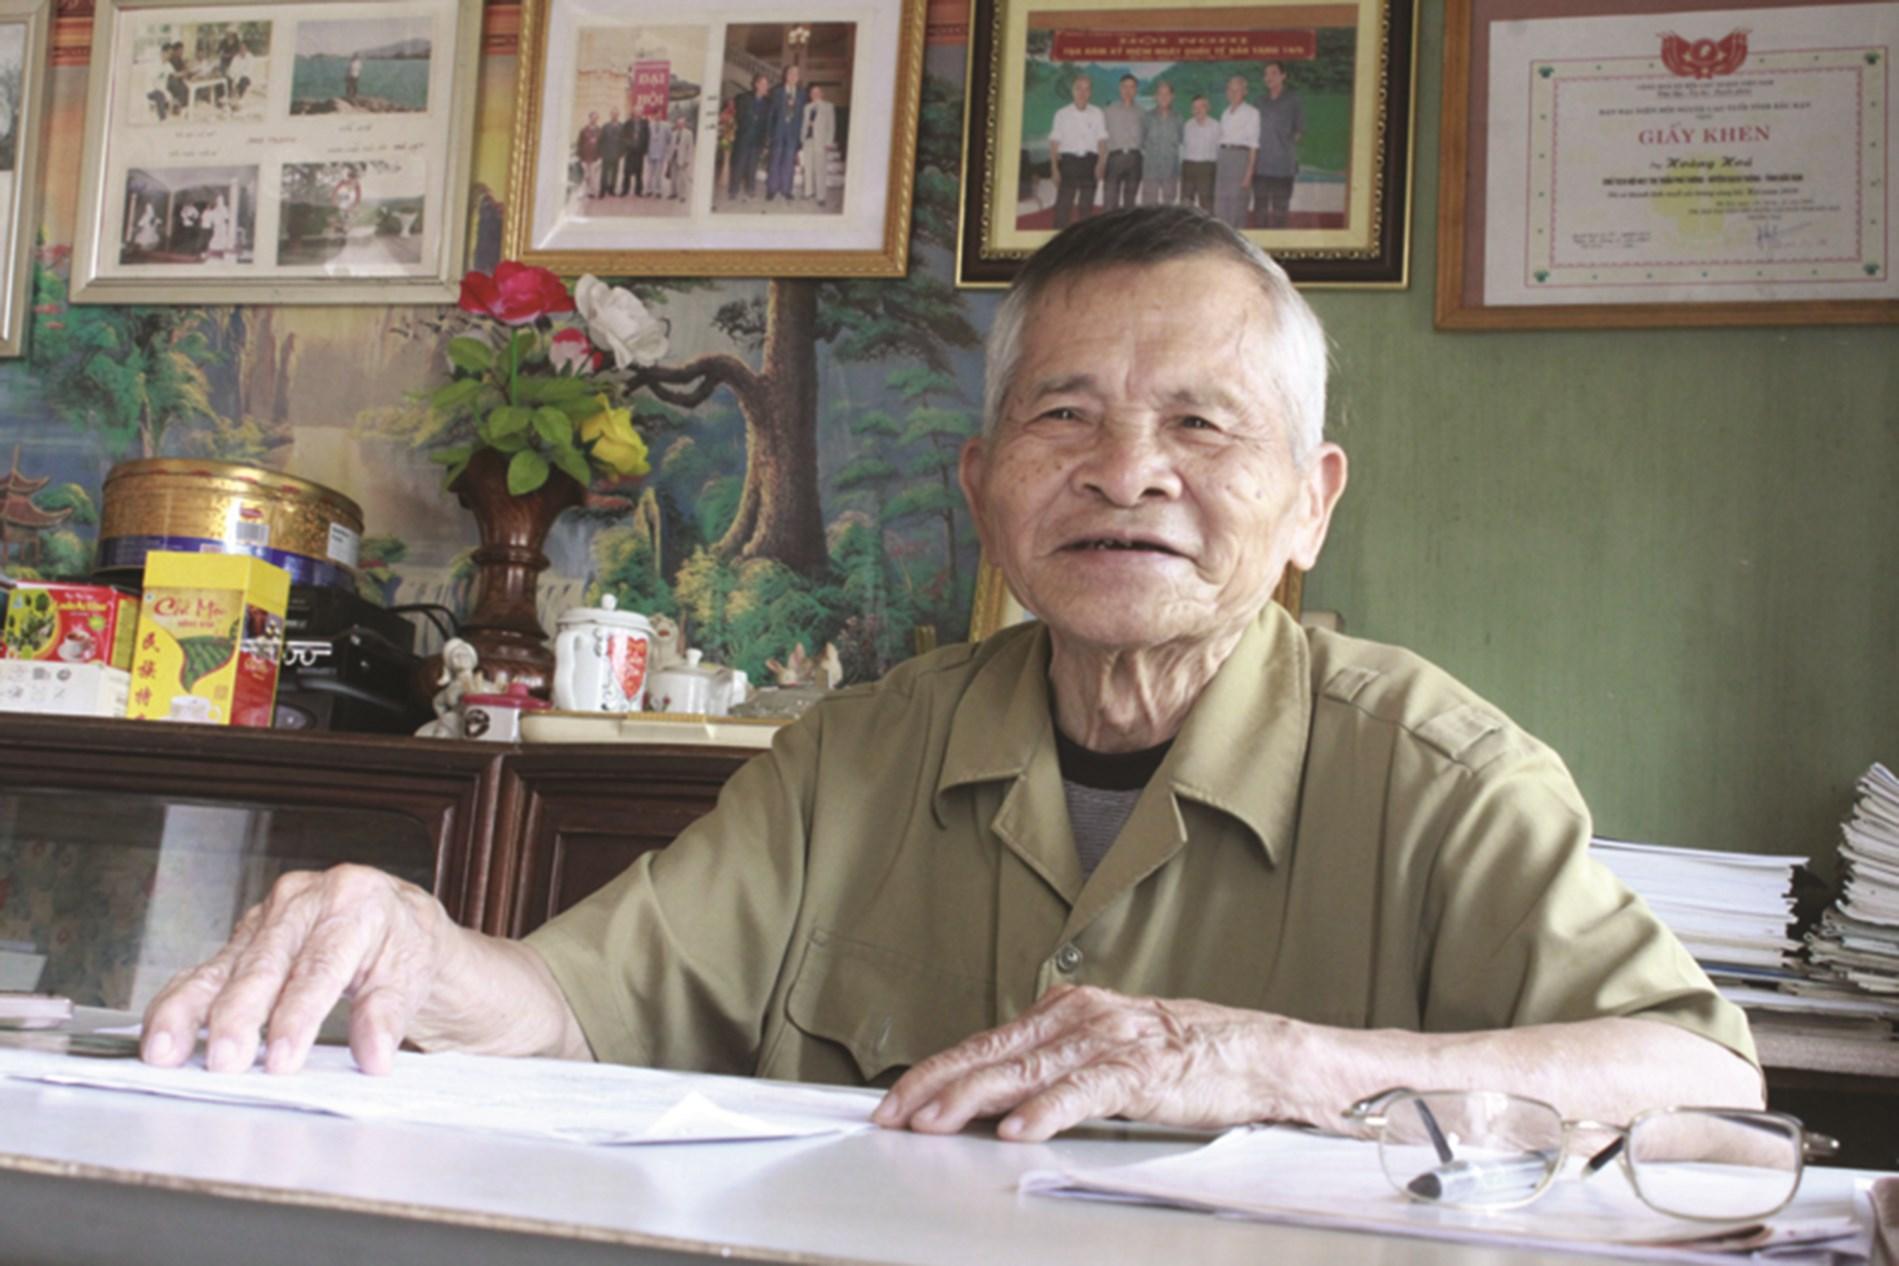 Dù đã 89 tuổi, Nghệ nhân Nhân dân Hoàng Hóa vẫn say sưa nói về công tác sưu tầm, giữ gìn văn hóa dân tộc